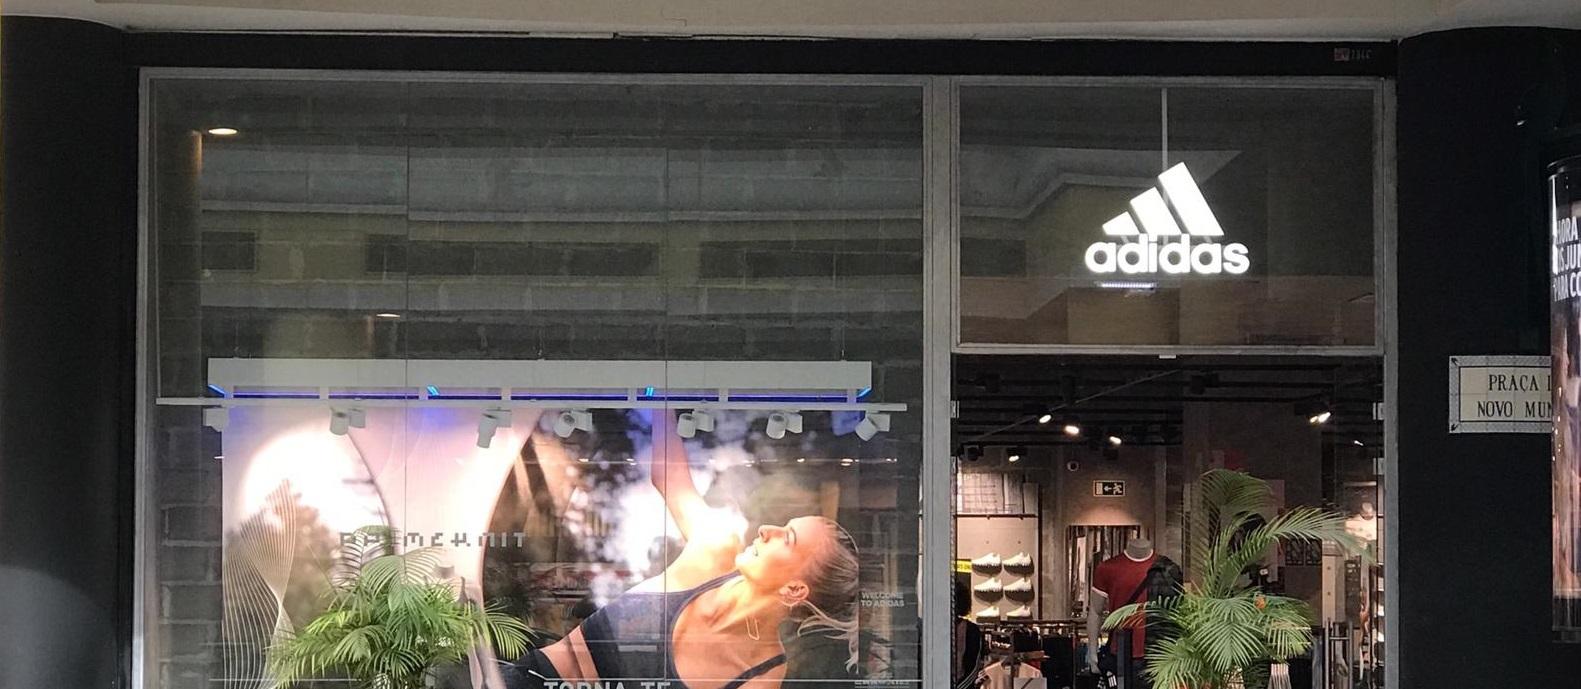 84326399b3a Adidas® Colombo